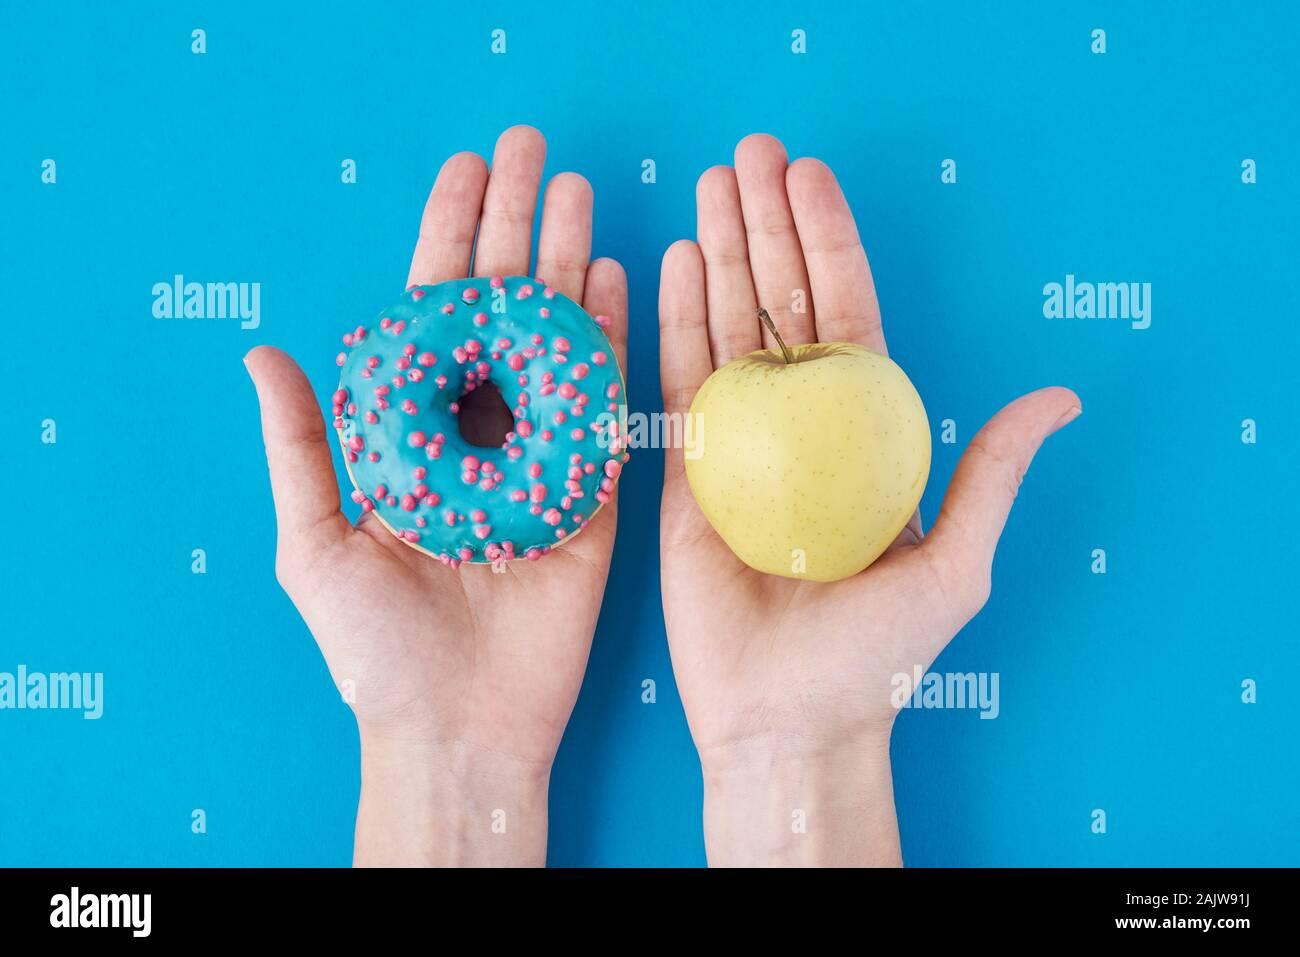 Frau zwischen Apple und Krapfen, die beschließen, in ihre Hände. Gesunde Ernährung Konzept Stockfoto